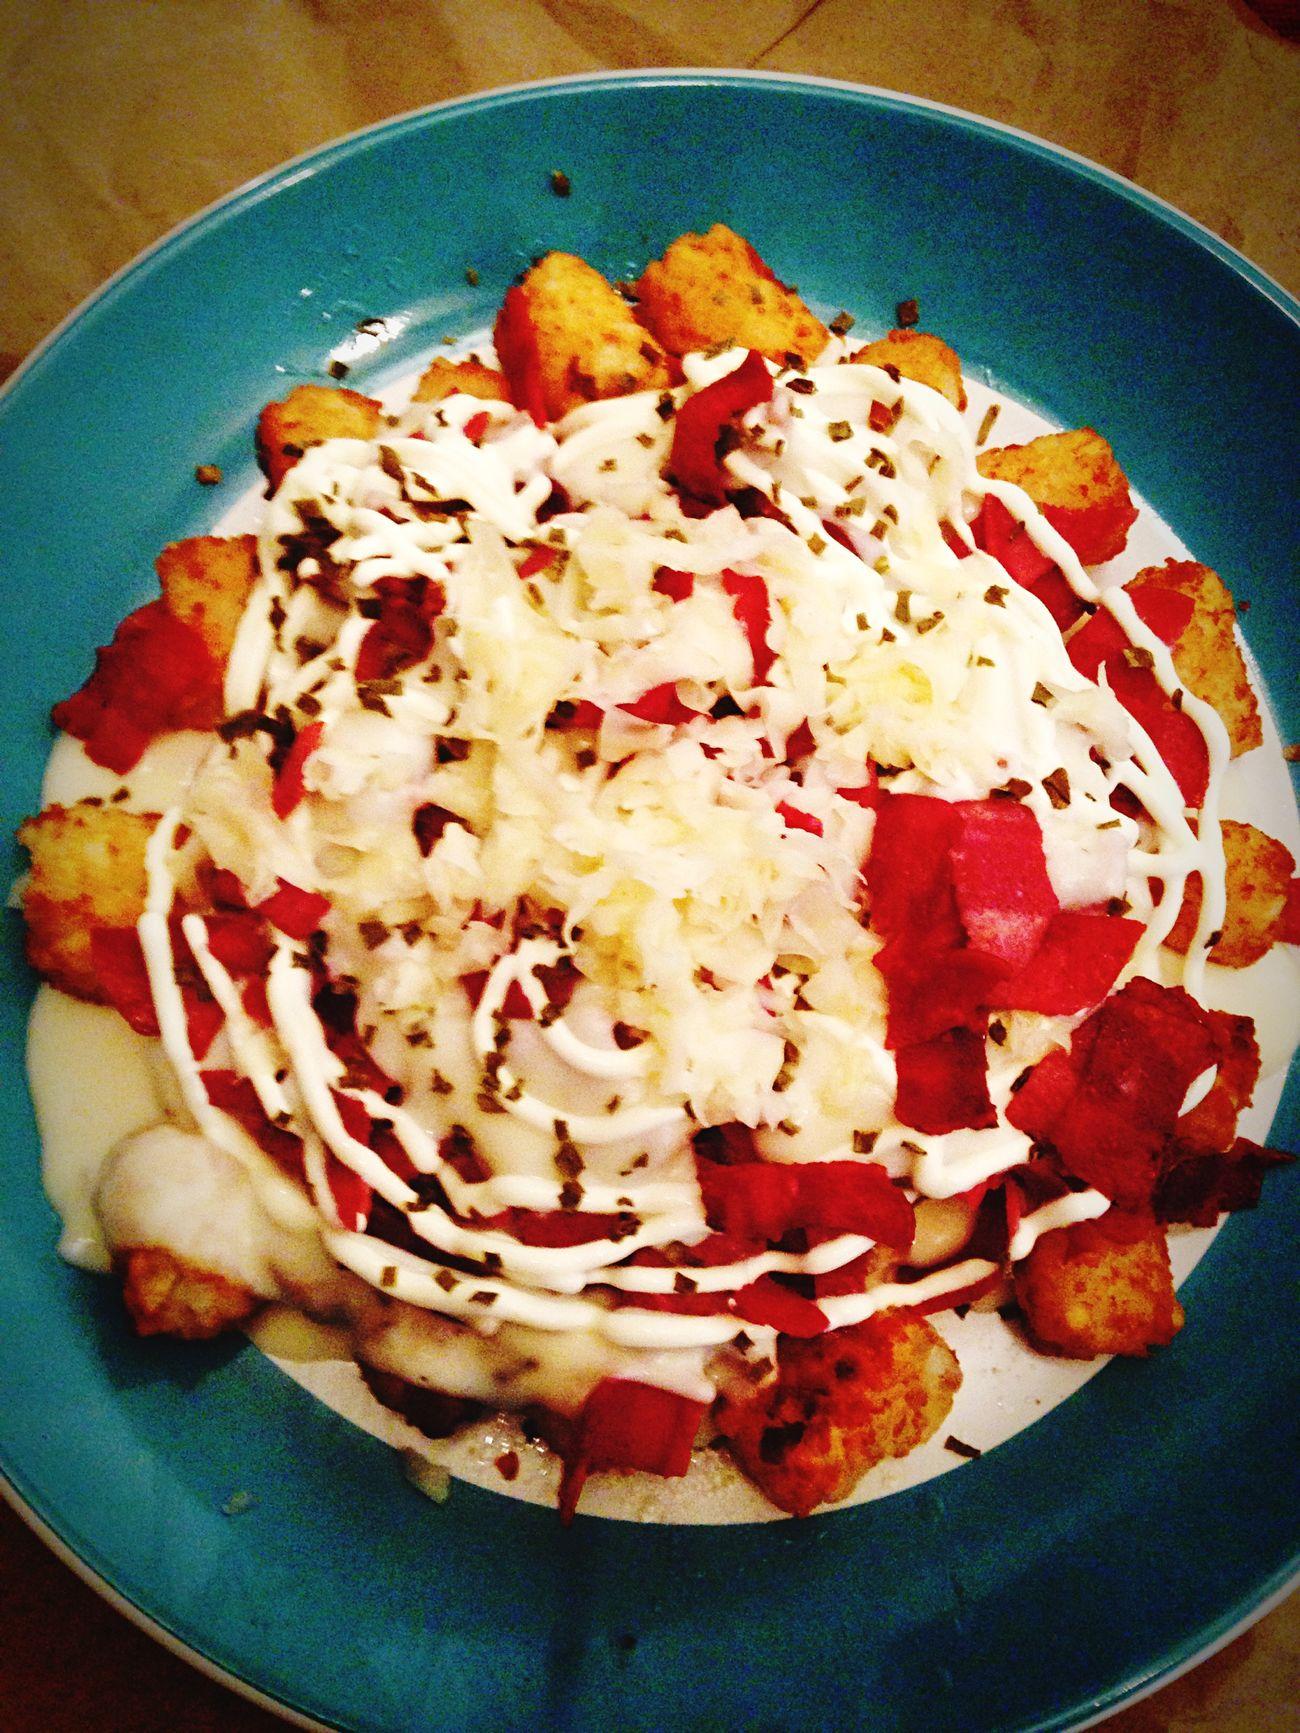 Foodporn RaKaTphoto Ranaskitchen RaKaTchef RaKaTgallery Ilovefood ComfortfoodFoodart Radd